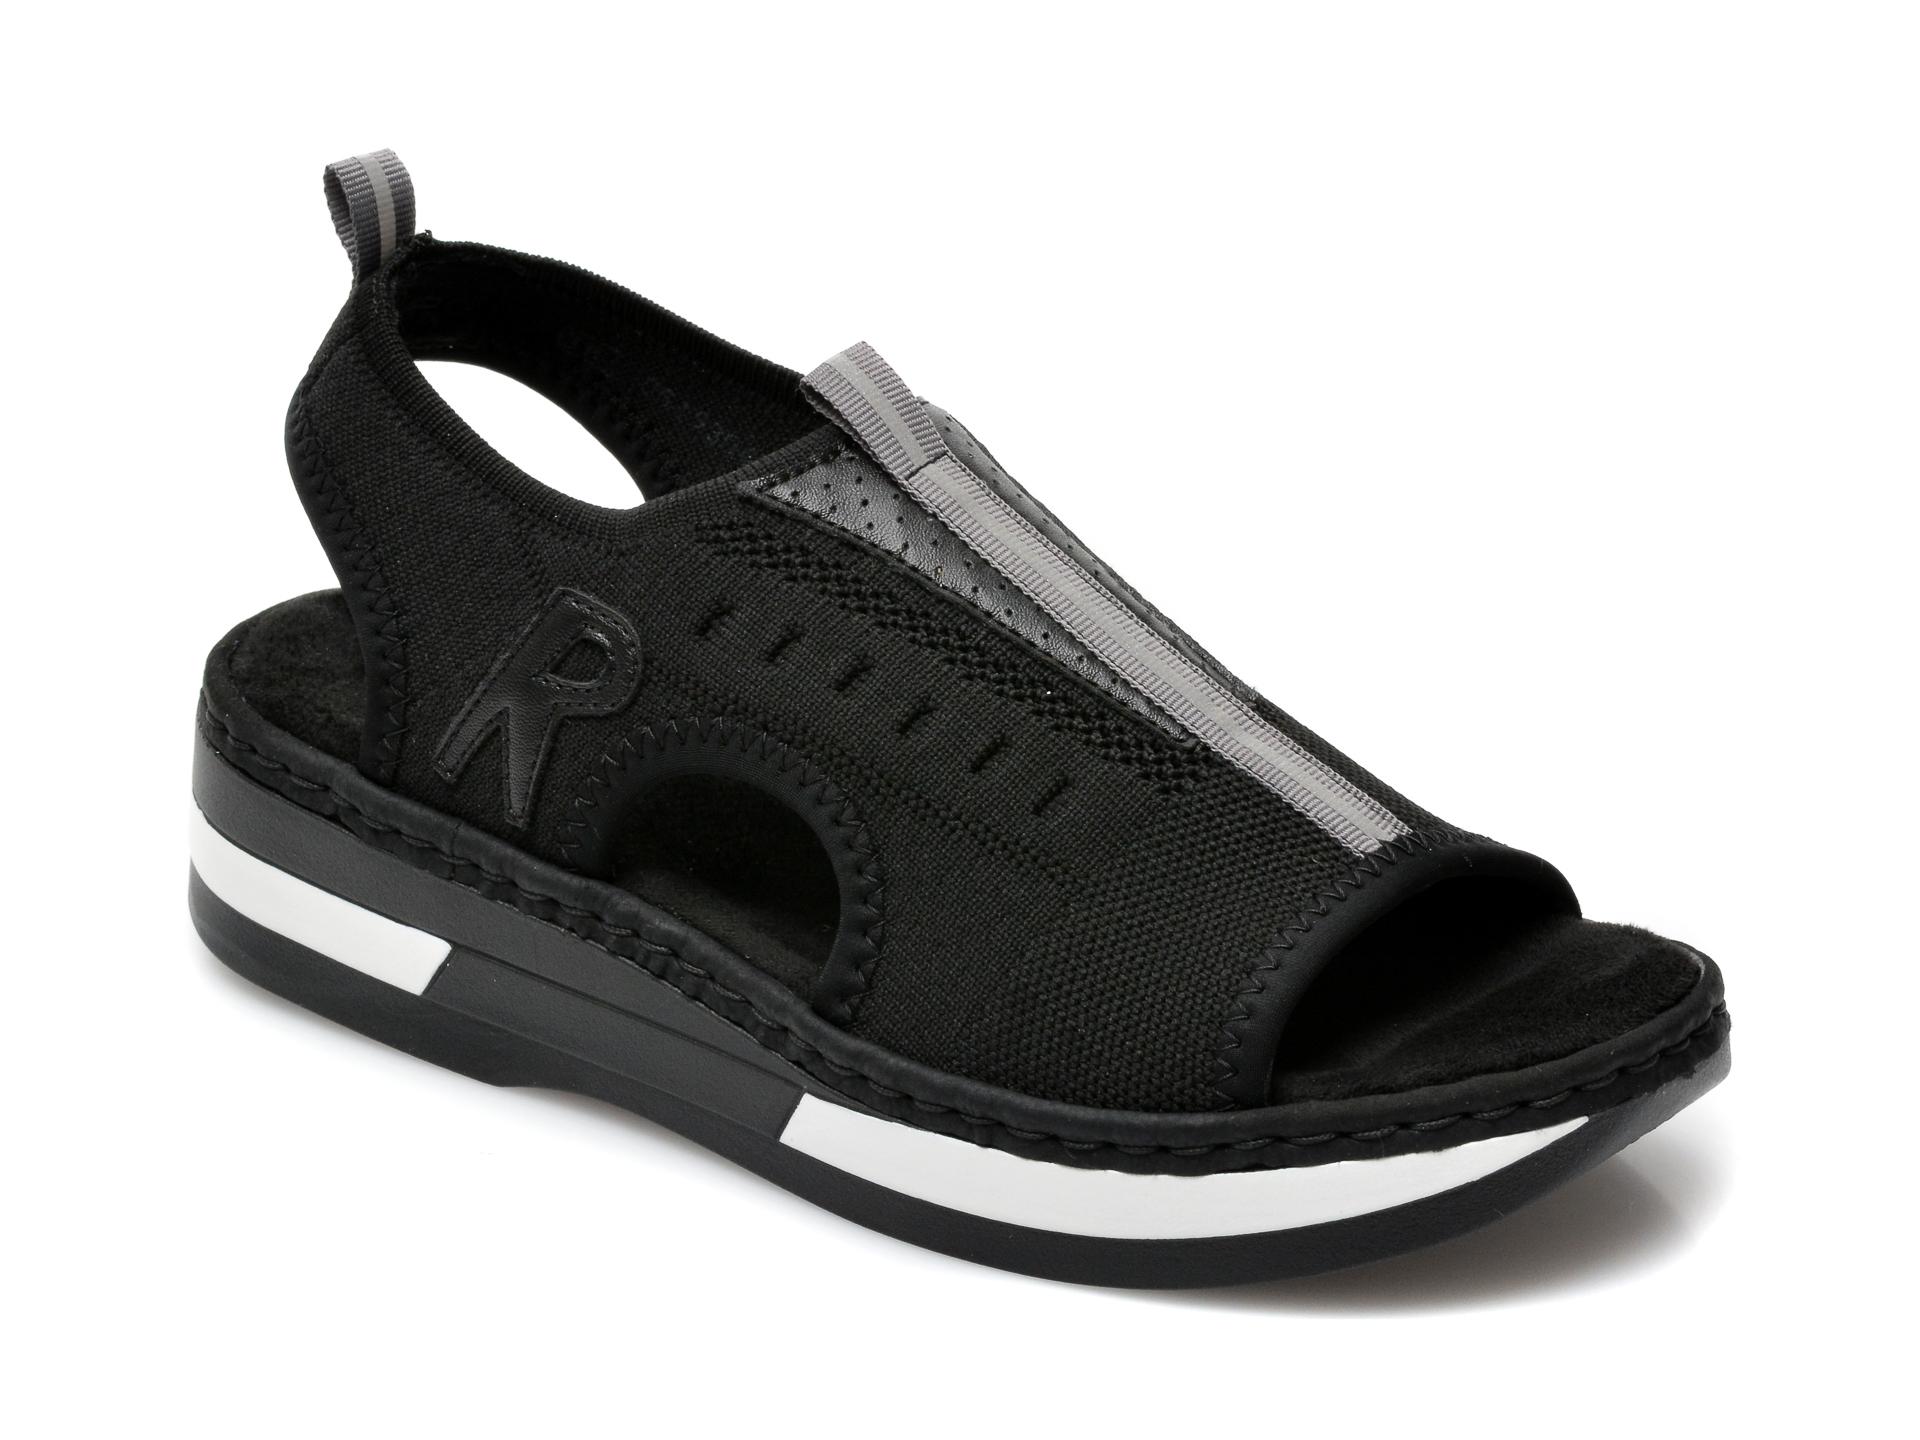 Sandale RIEKER negre, V59B5, din material textil imagine otter.ro 2021